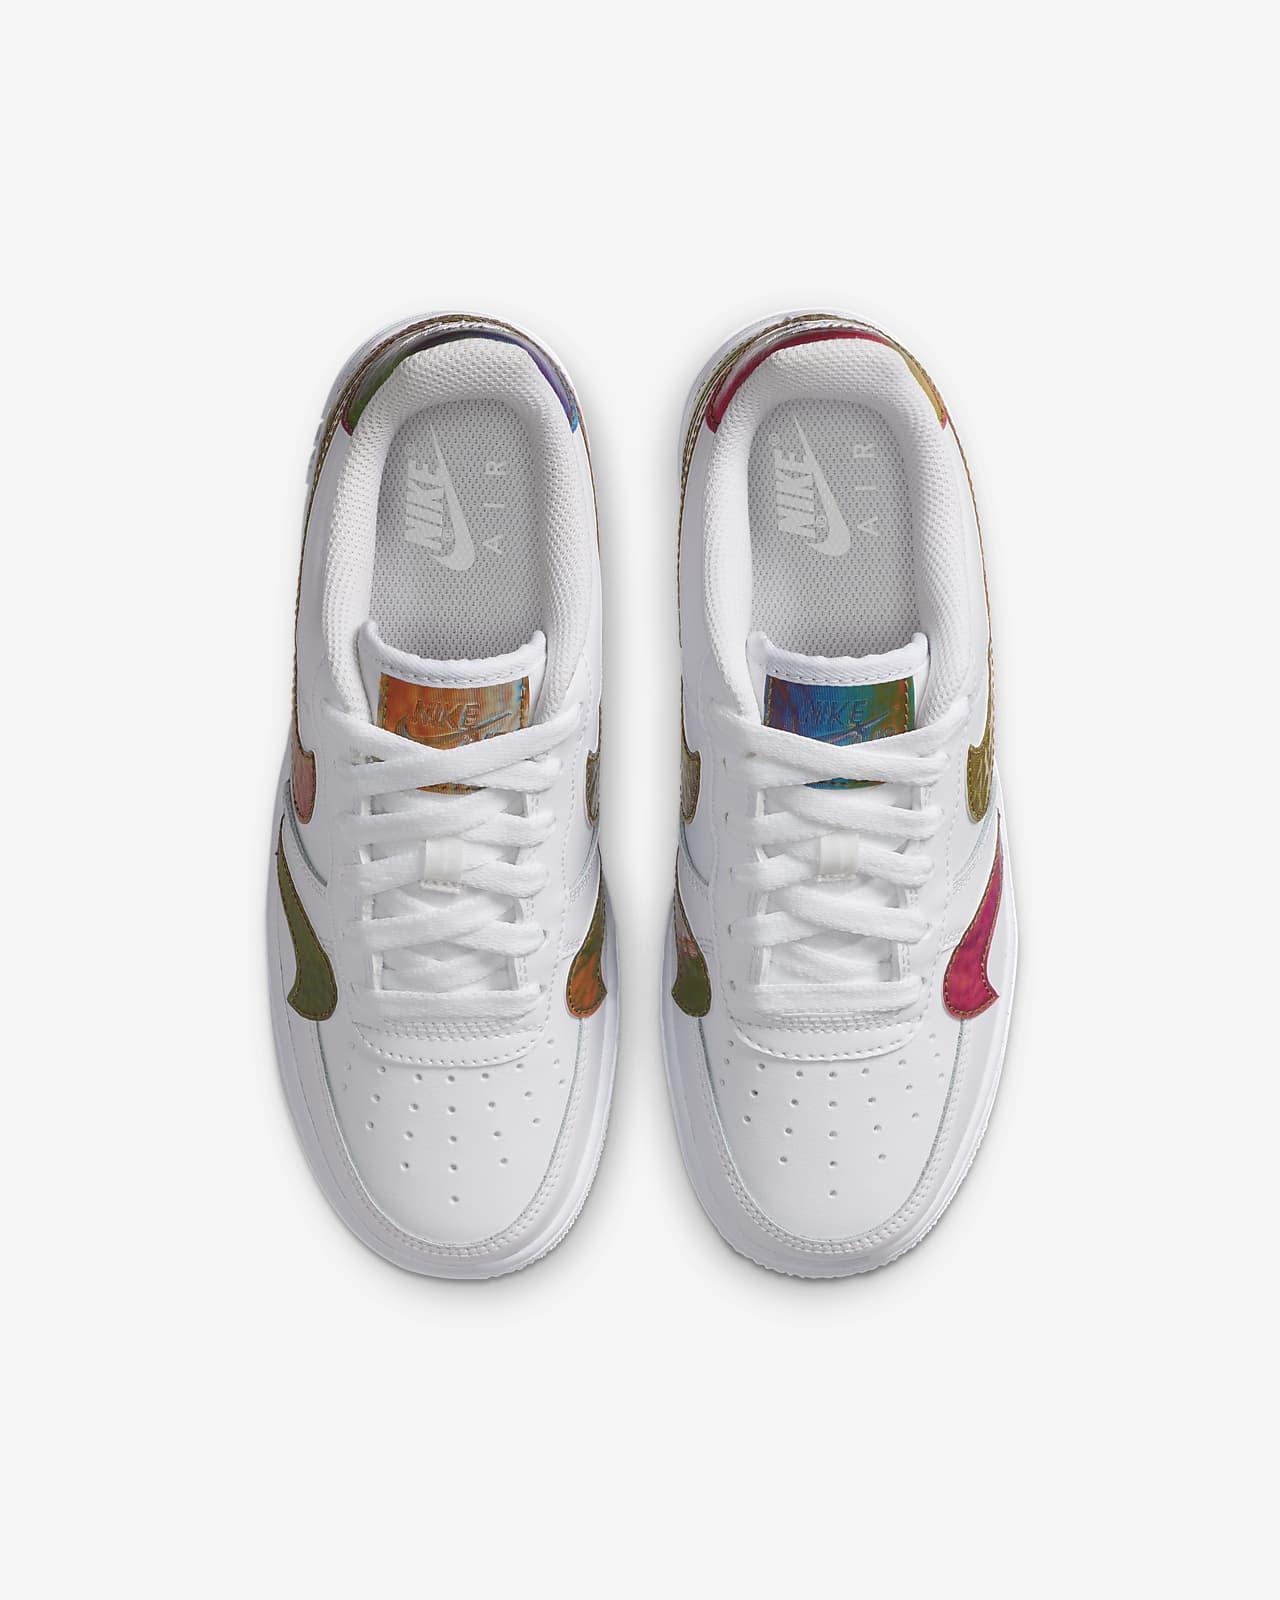 Sko Nike Nike Air Force 1 LV8 2 för ungdom